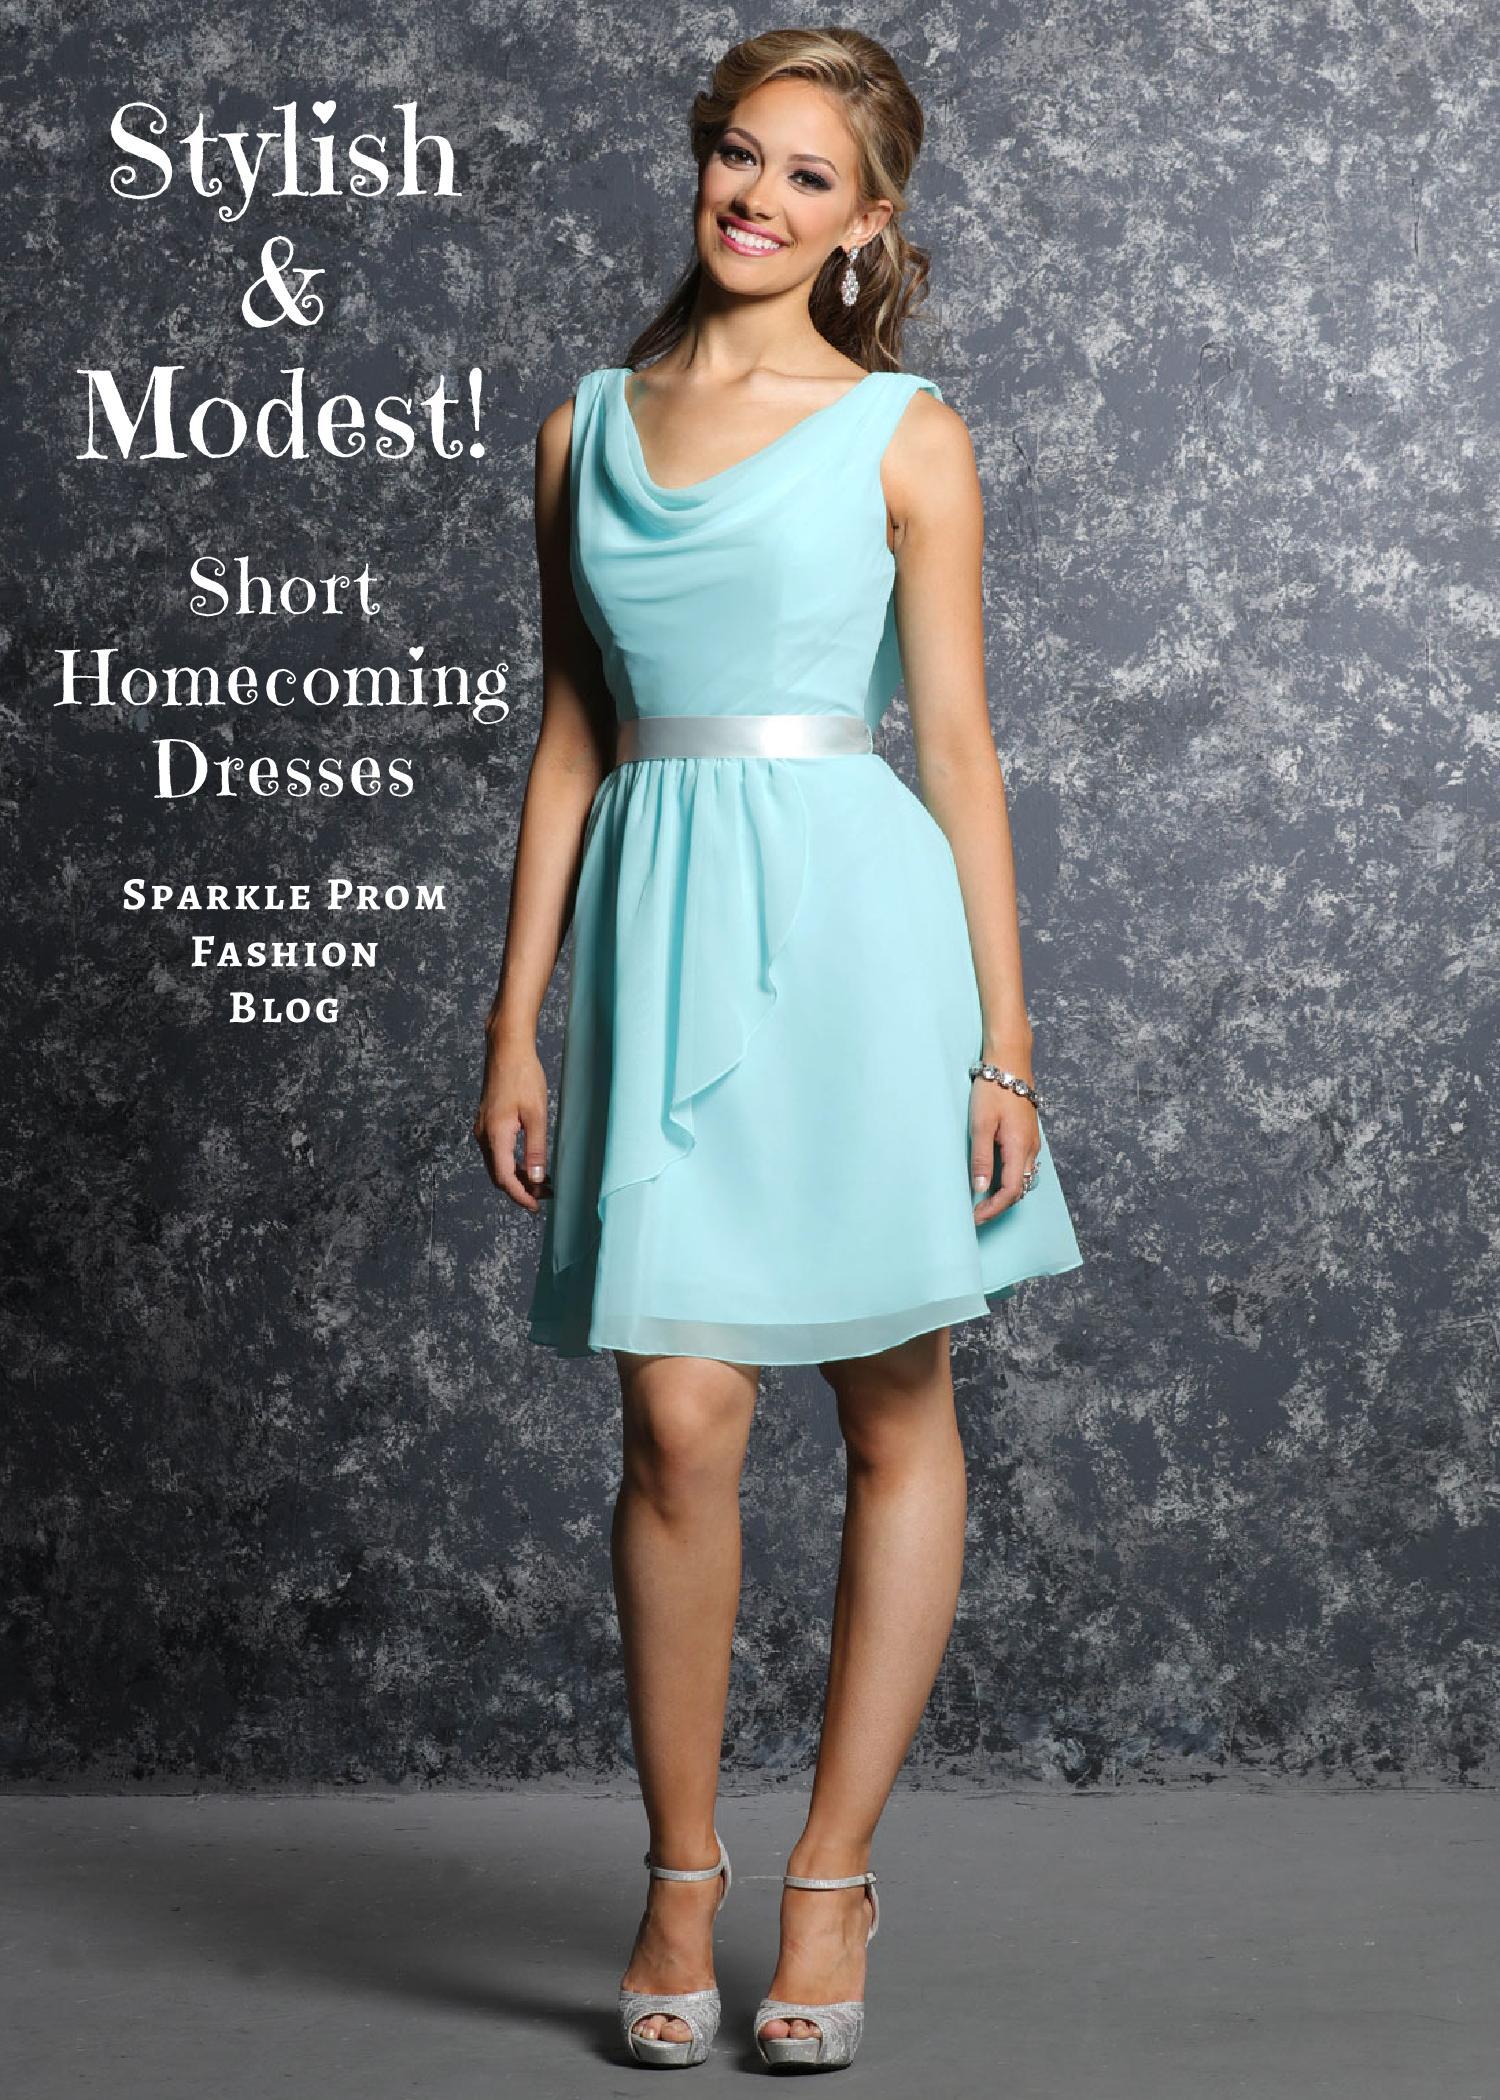 Stylish Modest Short Homecoming Dresses – Sparkle Prom Fashion Blog